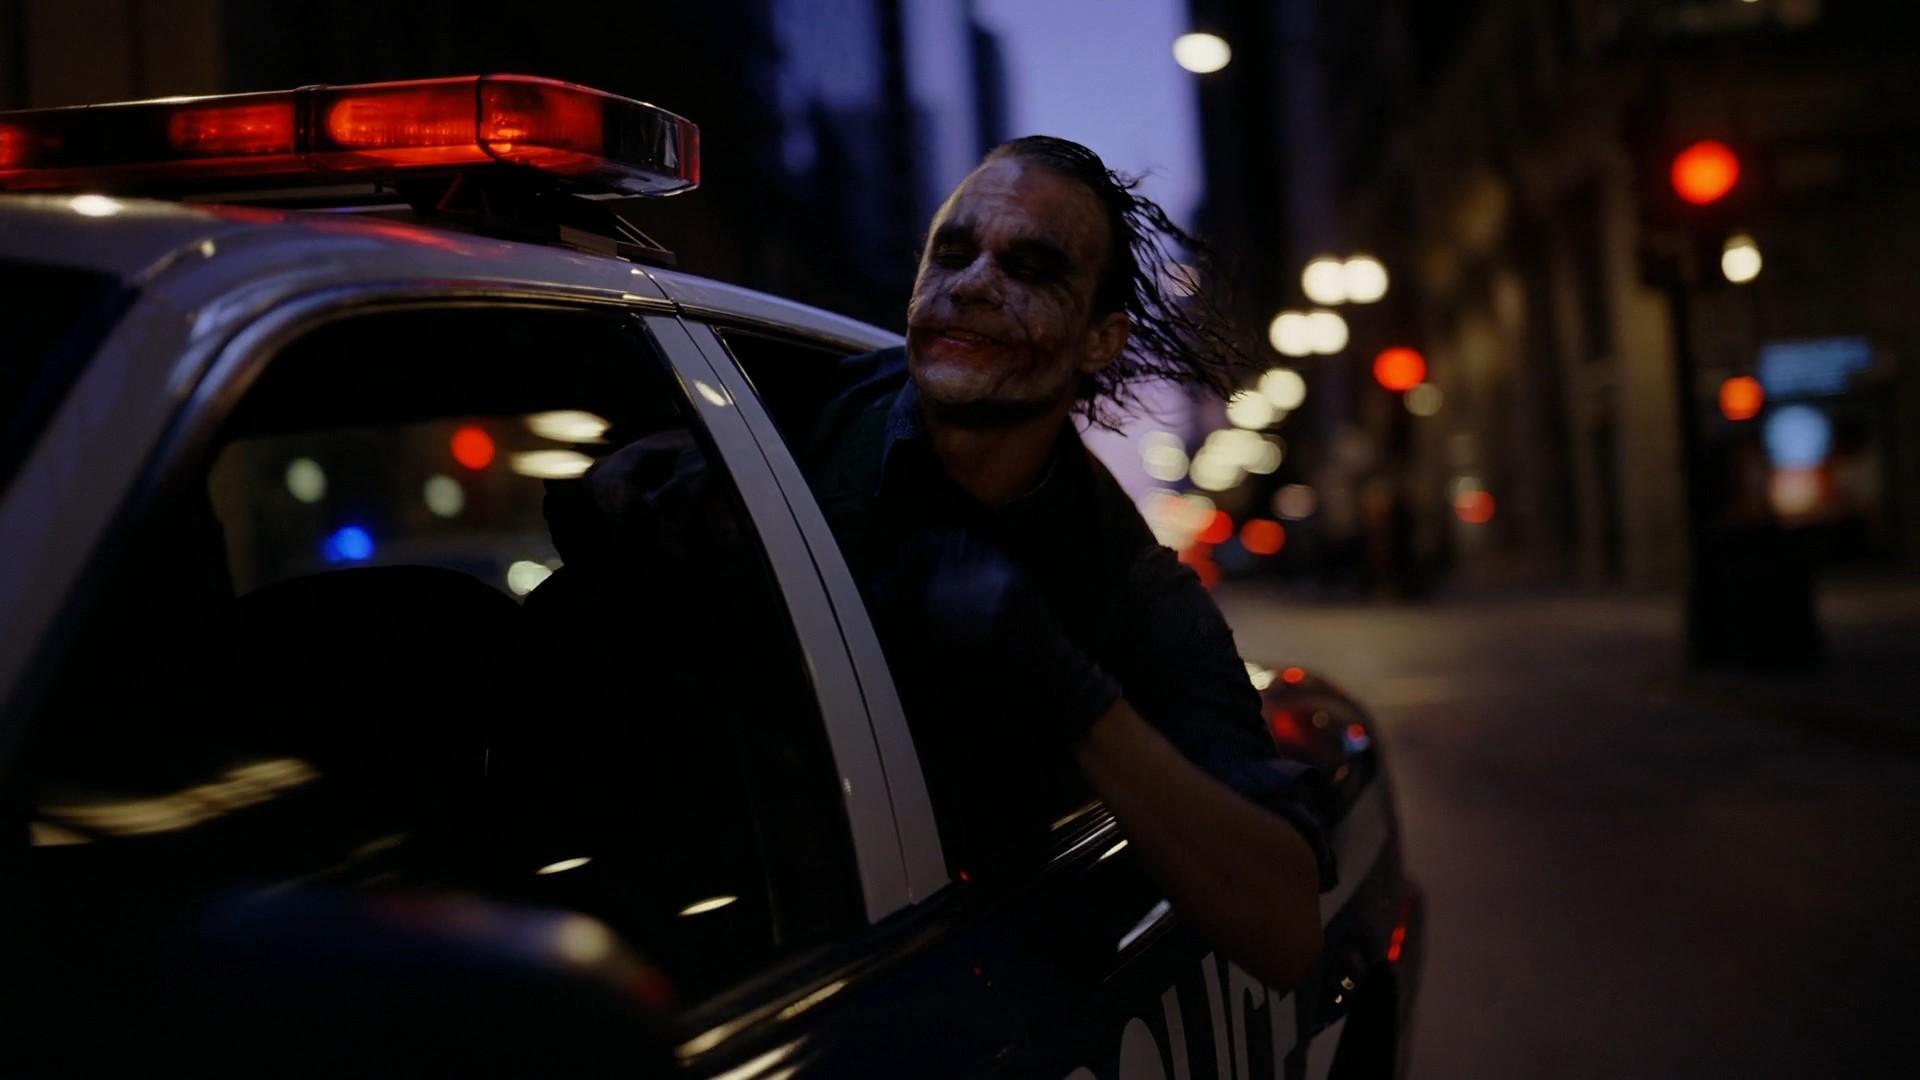 Cop Car Movie Wallpaper Wallpapersafari